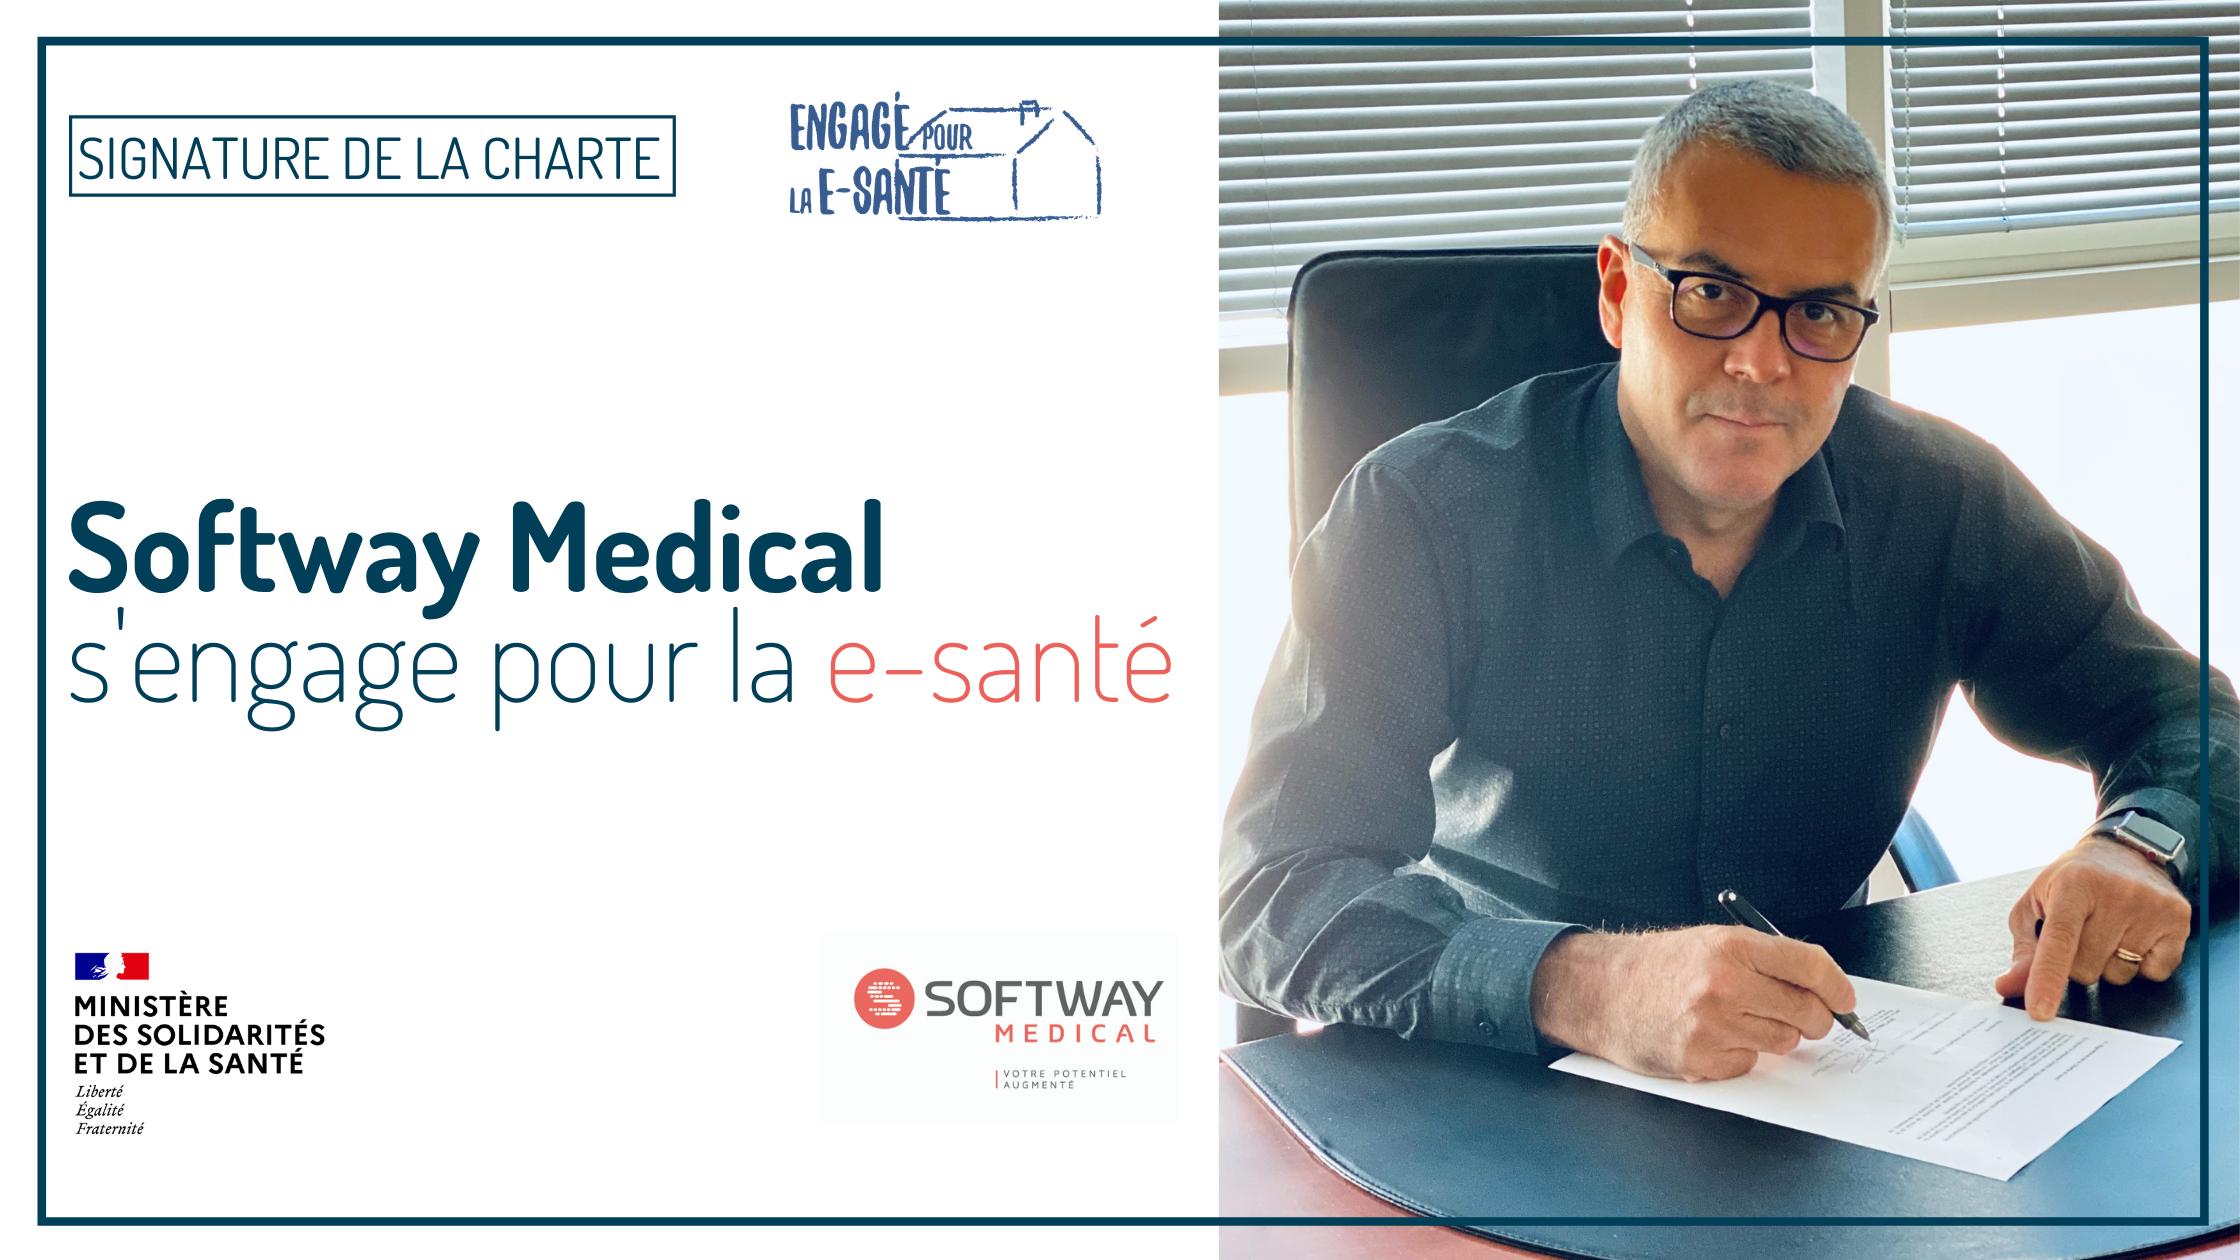 Softway Medical, engagée auprès du Ministère des Solidarités et de la Santé